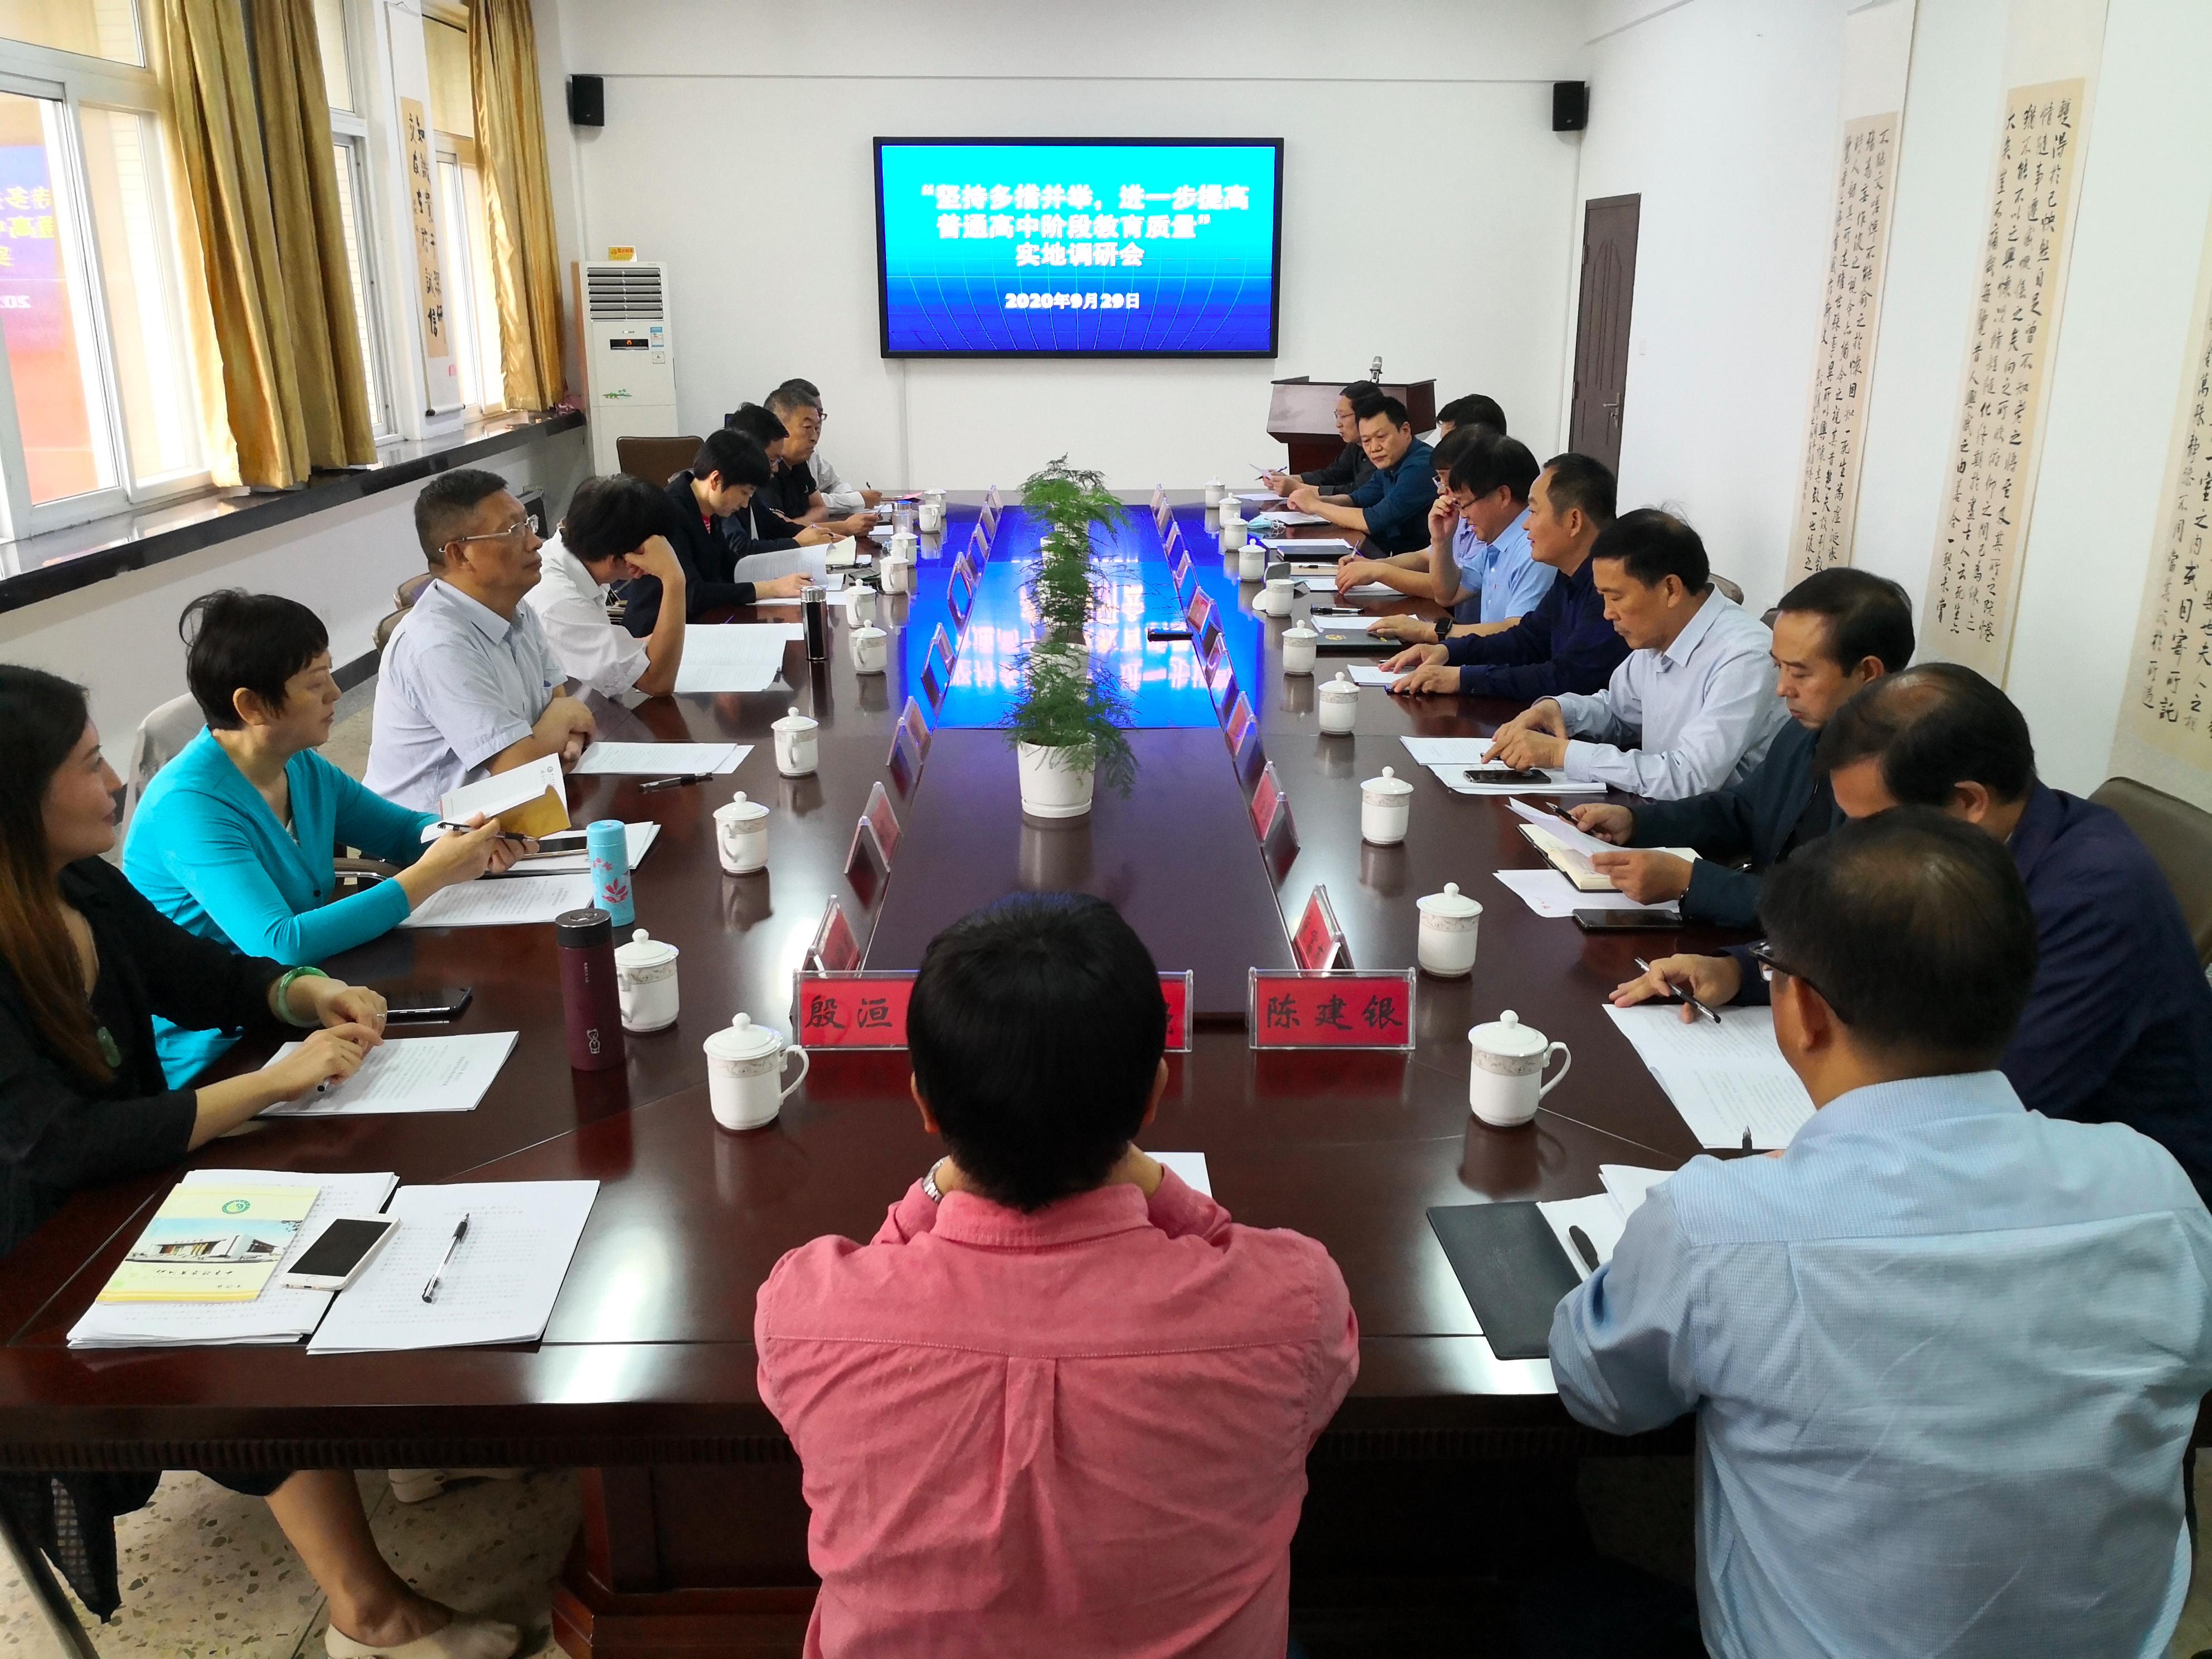 洛阳市政协赴洛一高开展高中阶段教育质量实地调研